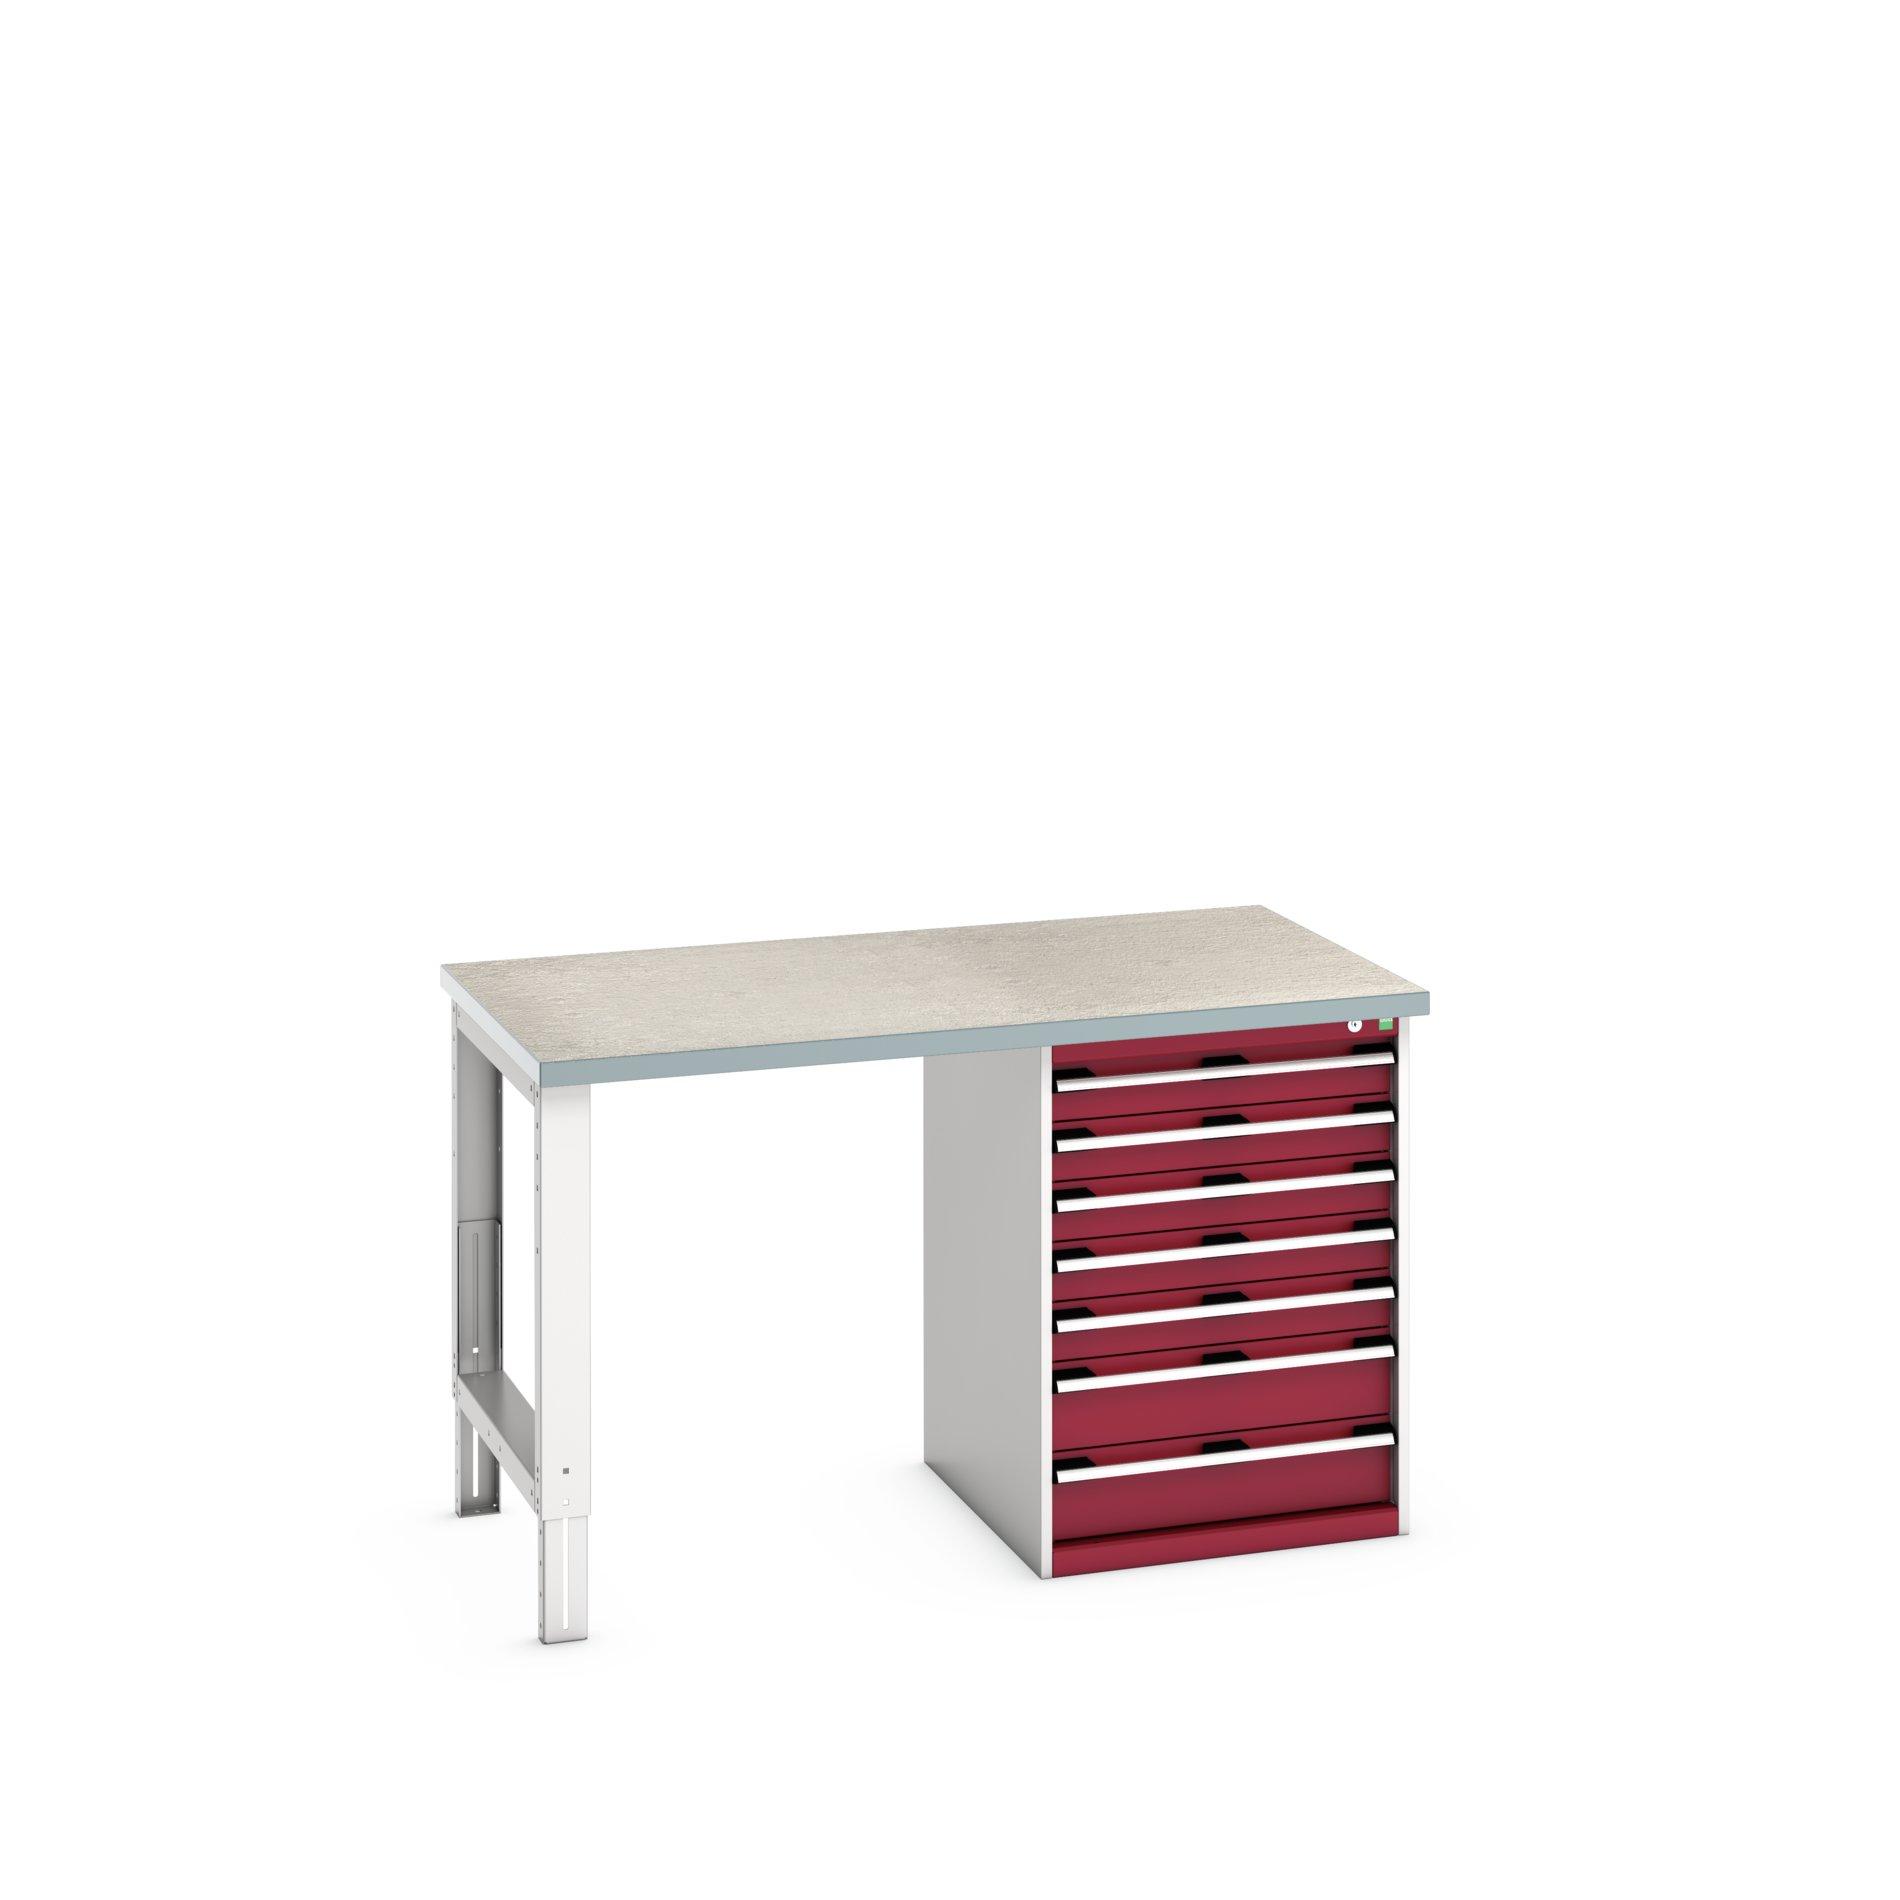 Bott Cubio Pedestal Bench With 7 Drawer Cabinet